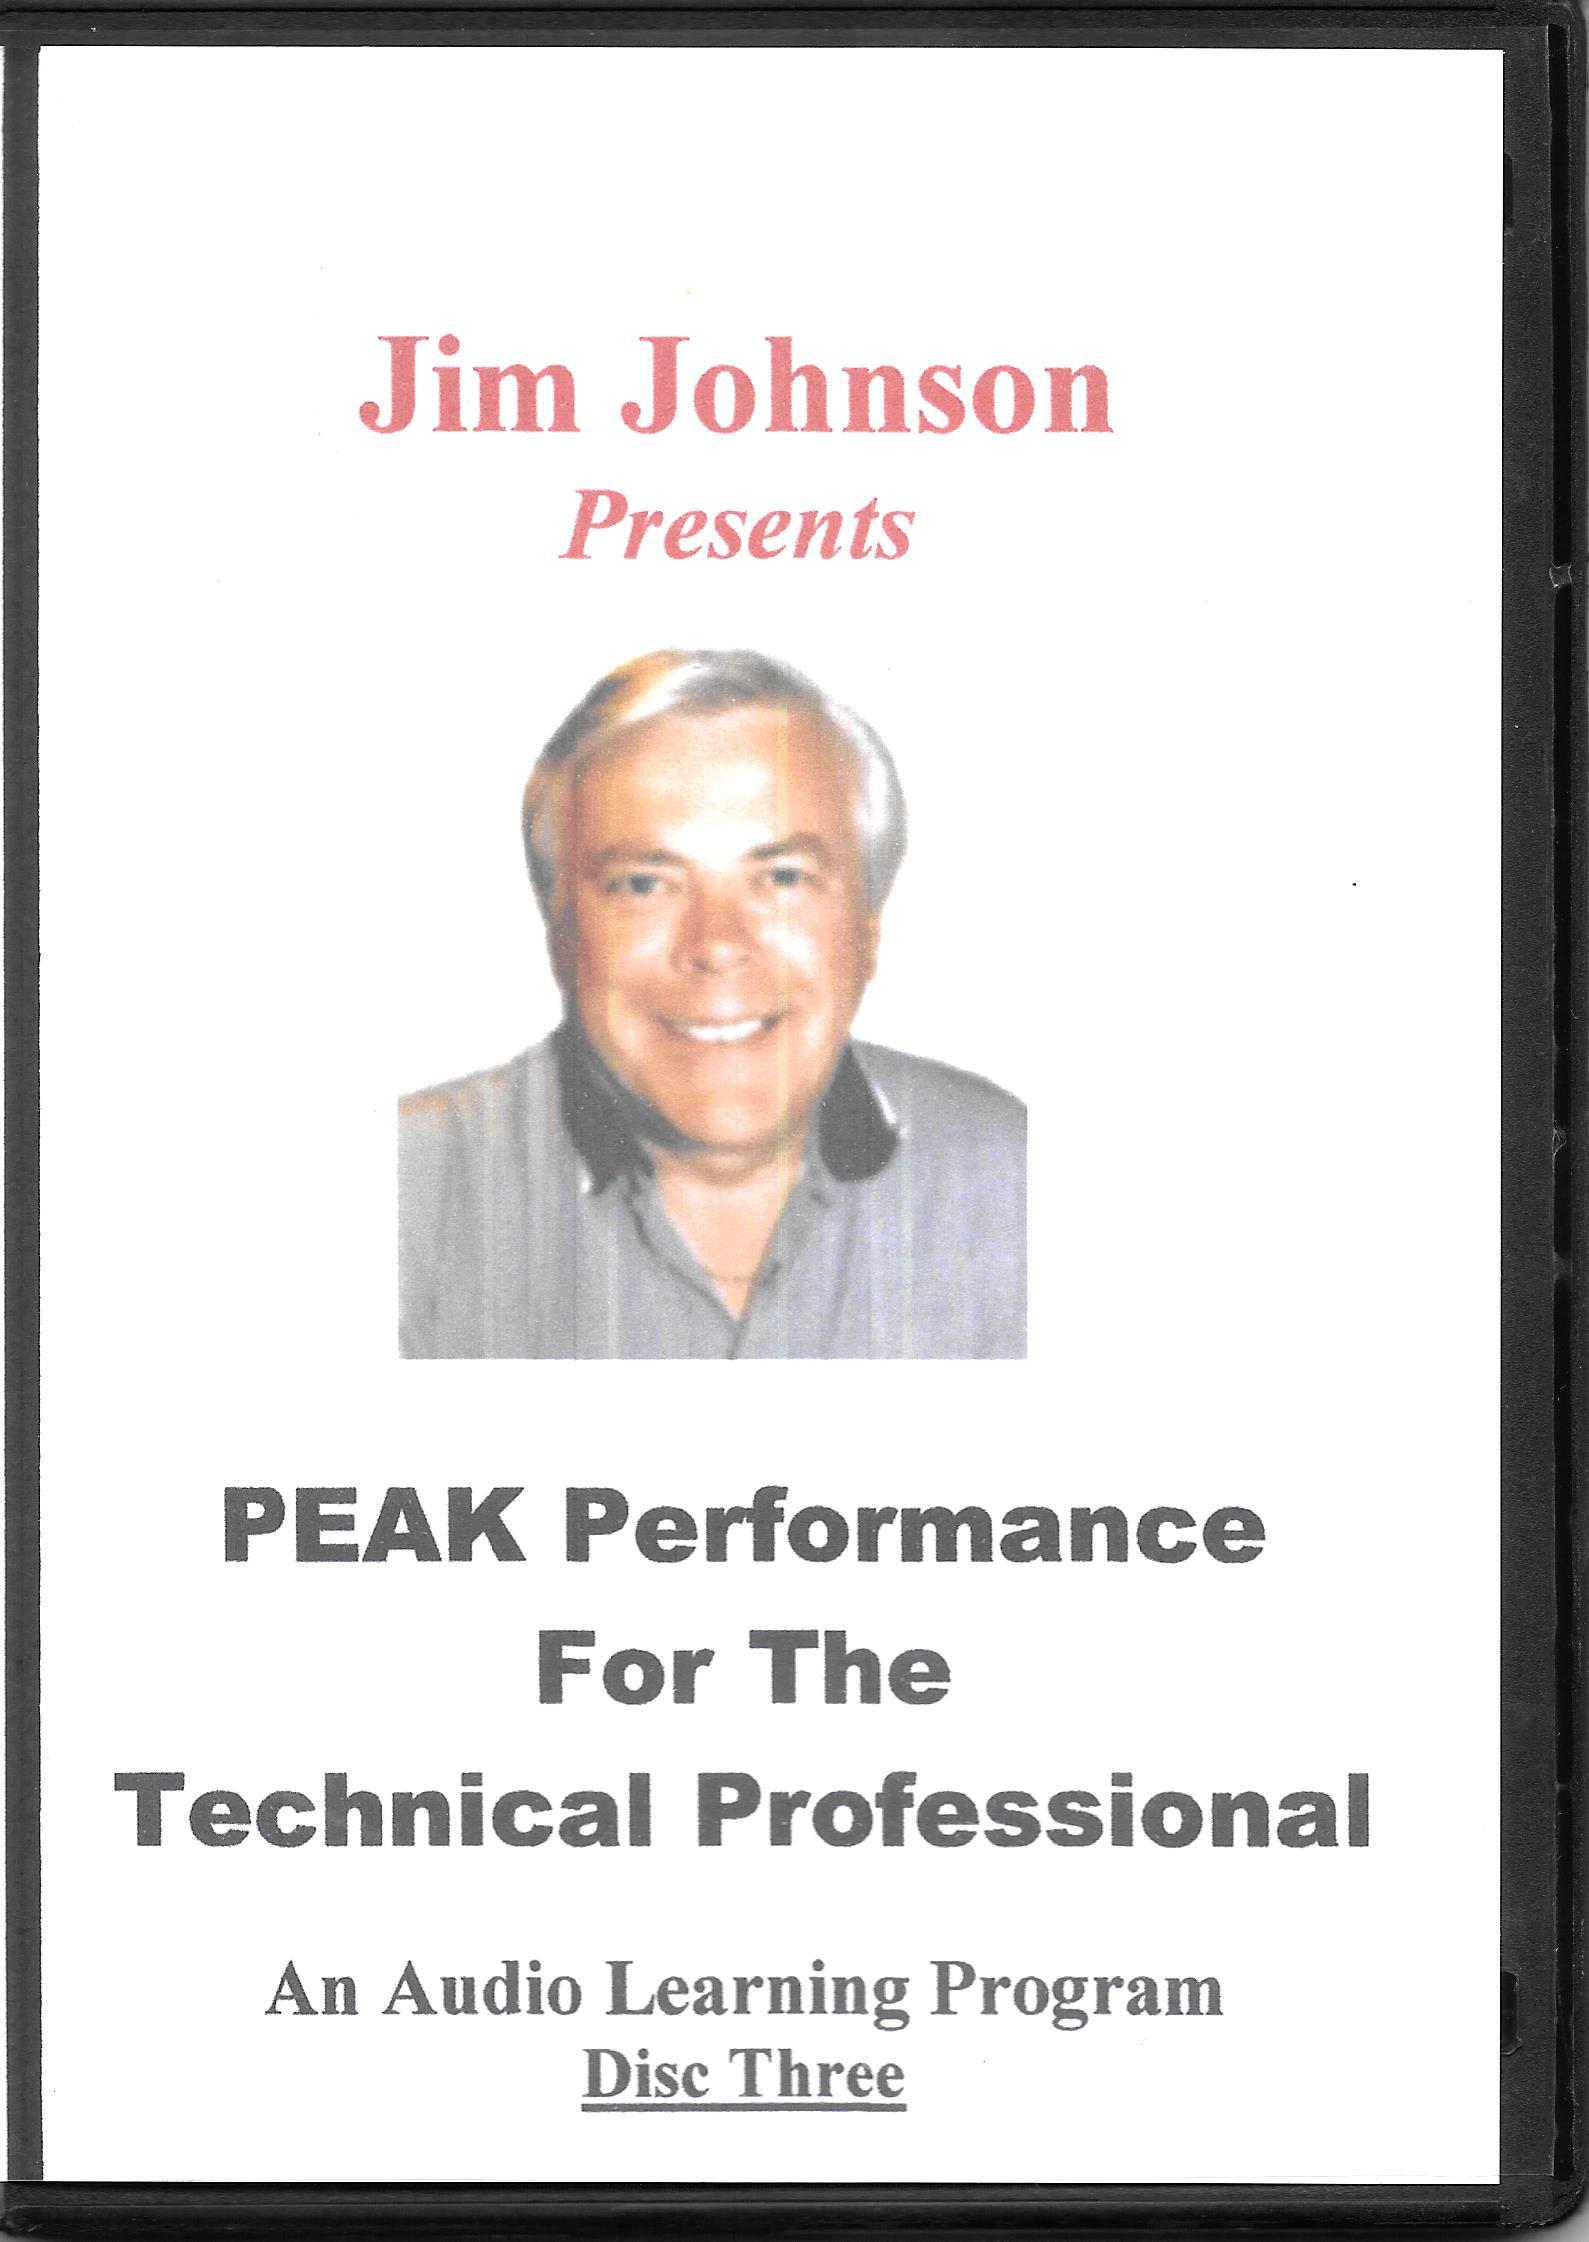 PEAK Audio Disc Three Case